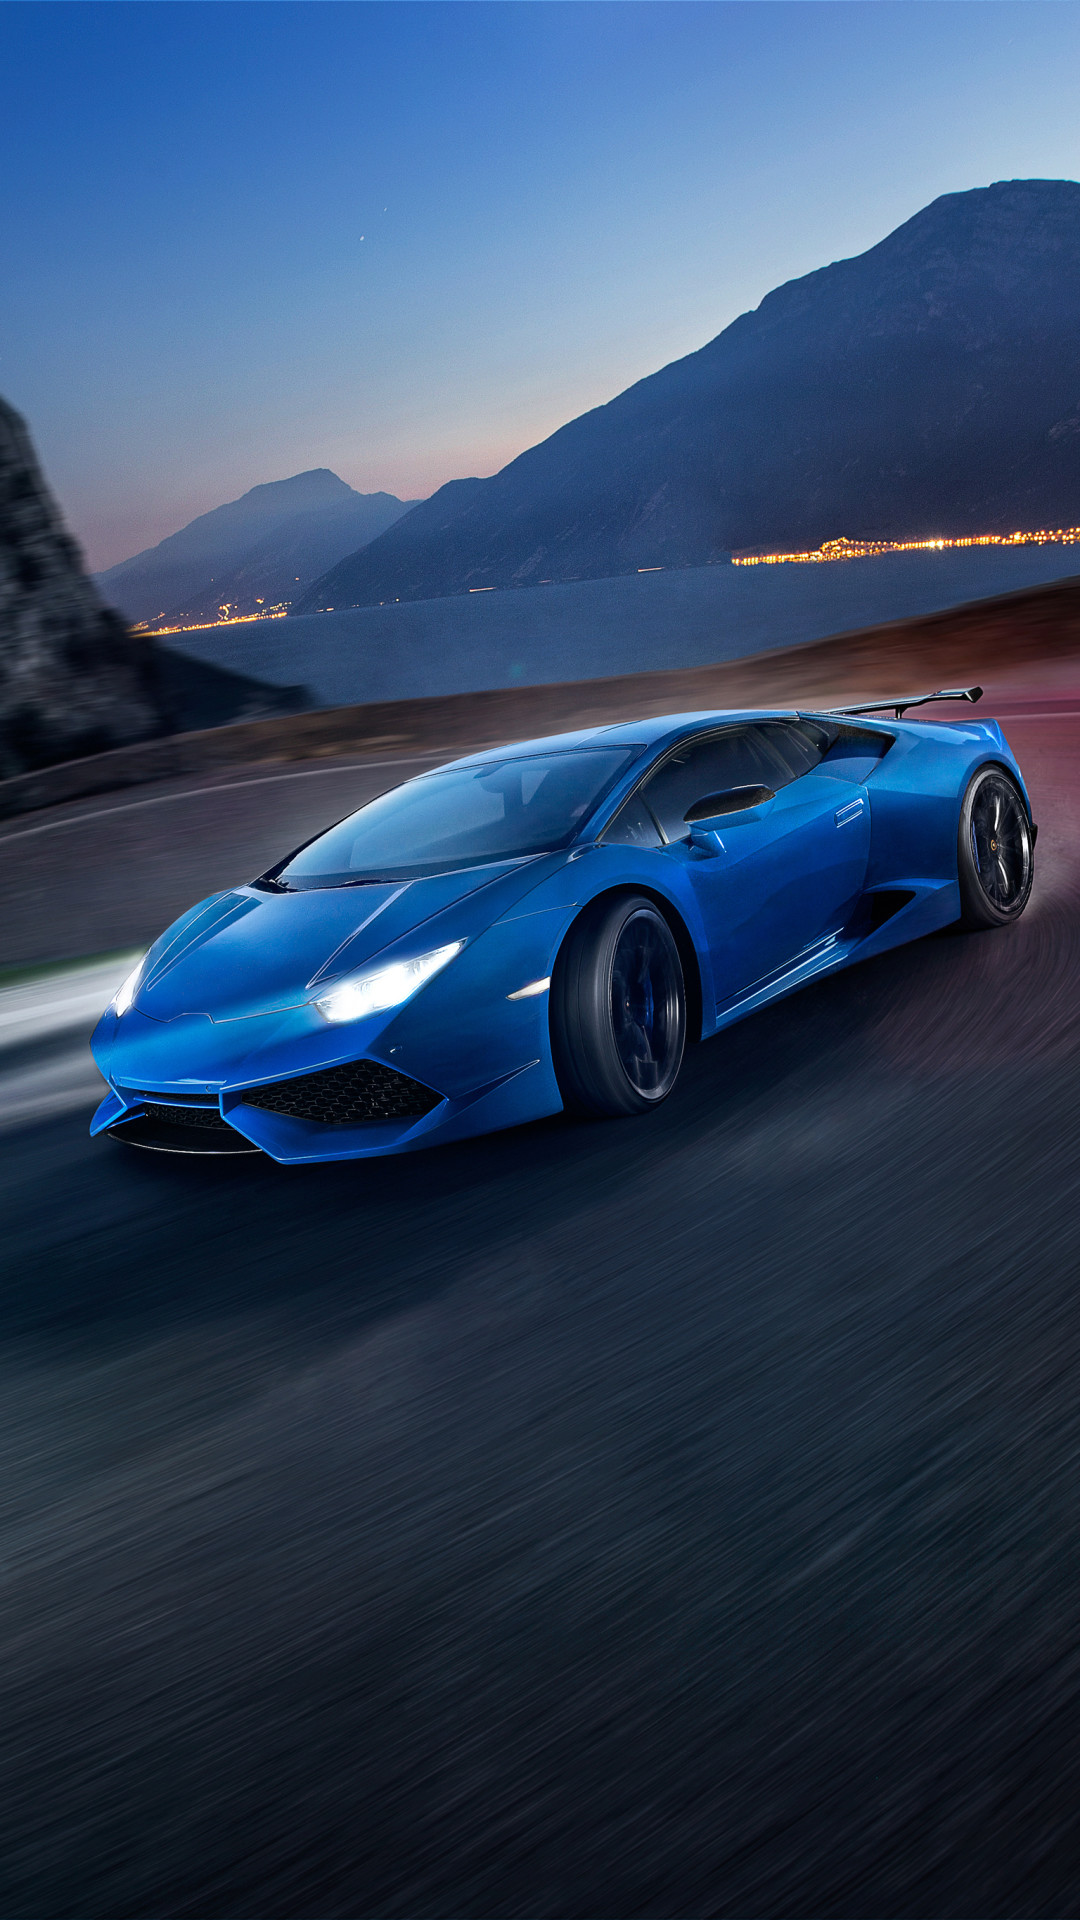 Lamborghini Huracan Wallpapers (71+ images)